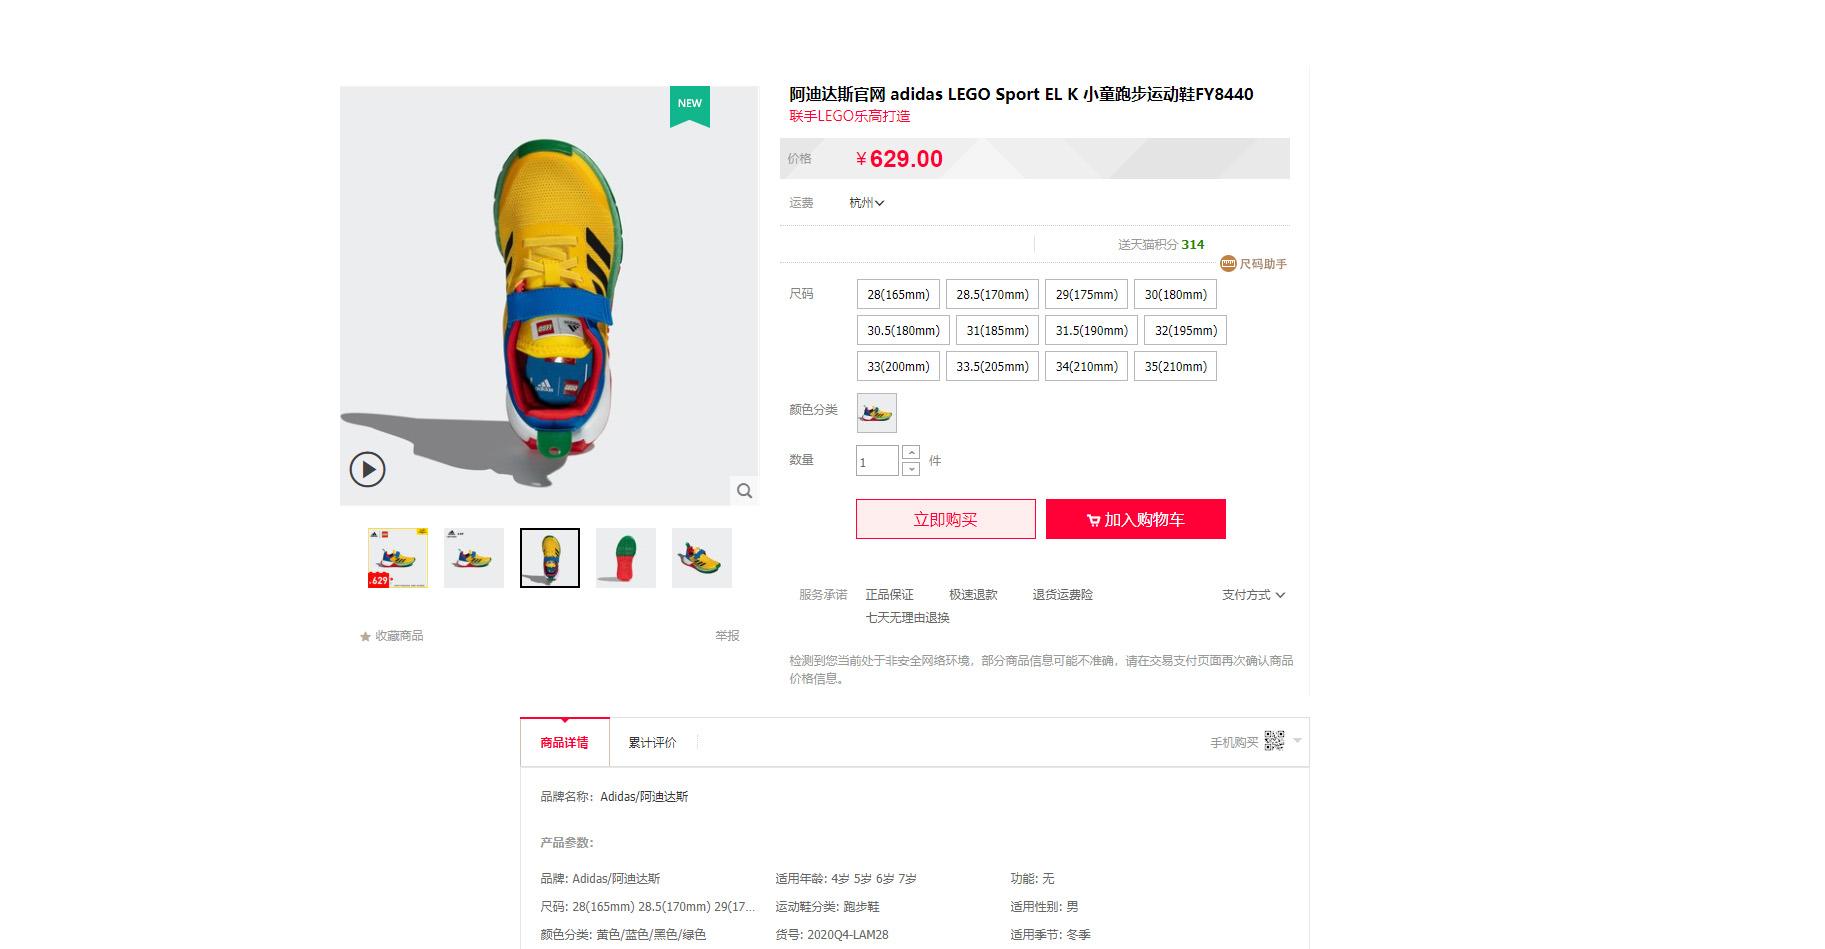 レゴxアディダスコラボ新製品画像!子供商品も登場!スニーカーやファッション